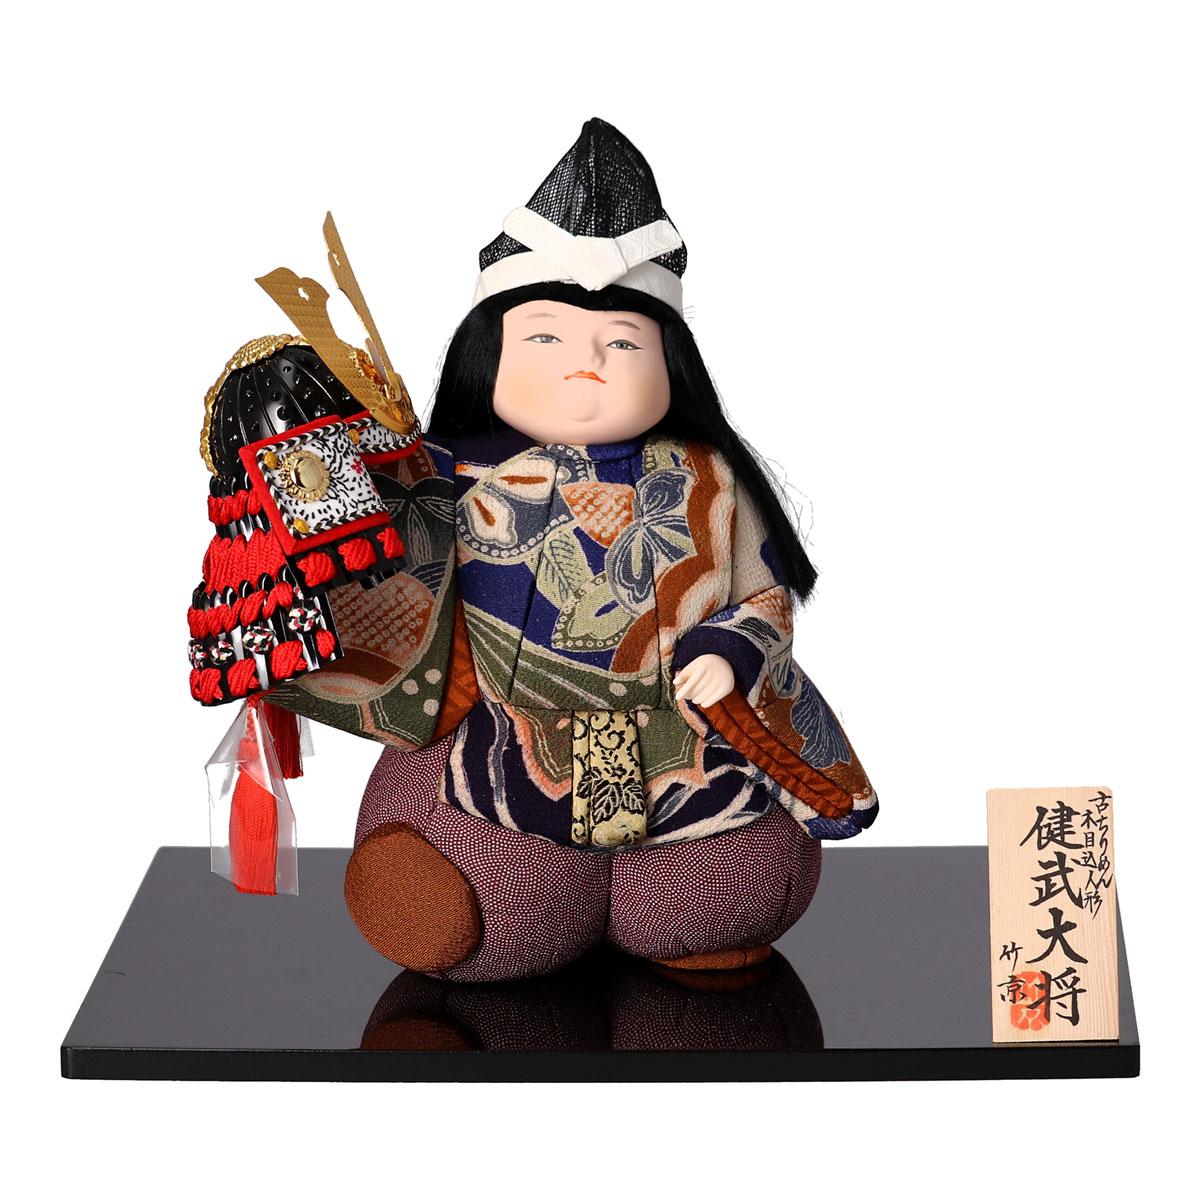 セール 特集 健武大将 オンラインショップ 木目込み五月人形 京都くろちく 楽ギフ_のし